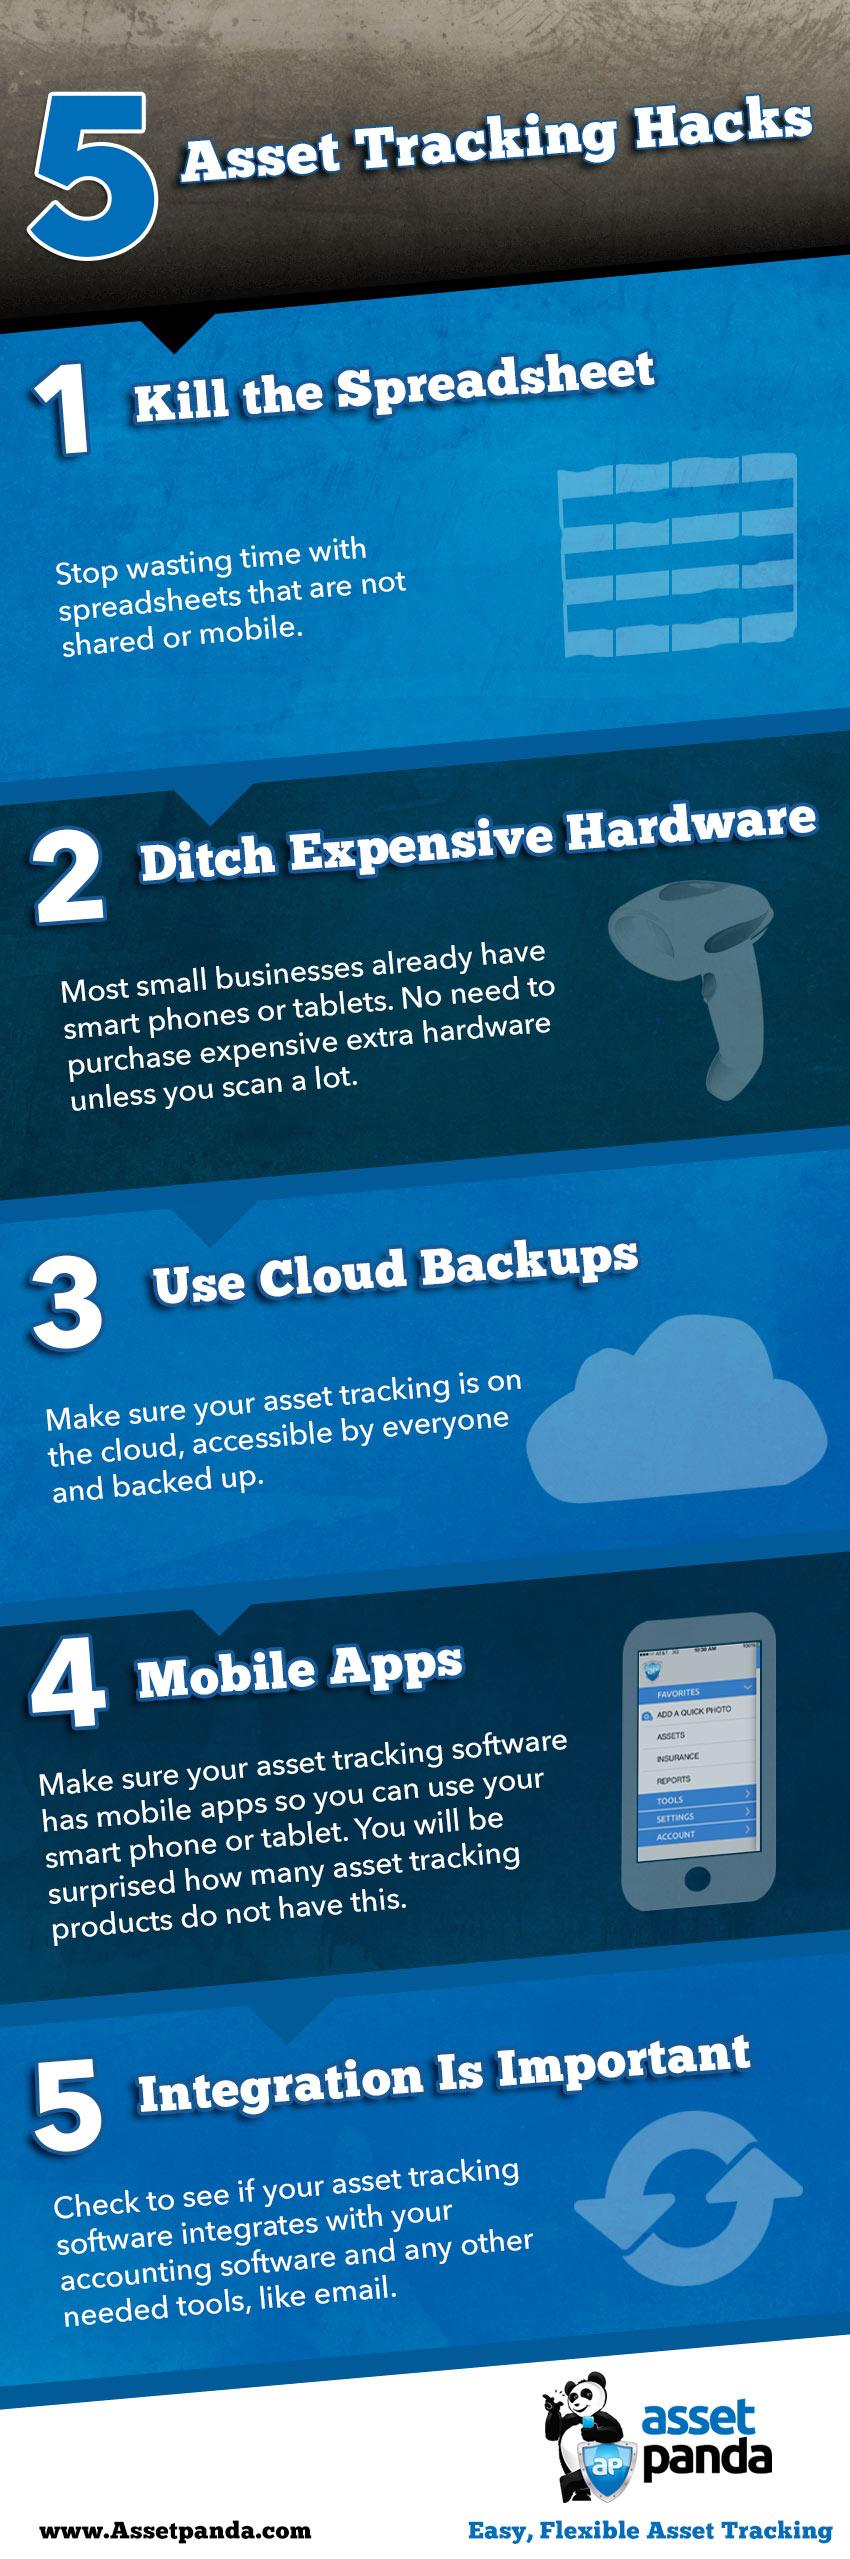 5 Asset Tracking Hacks